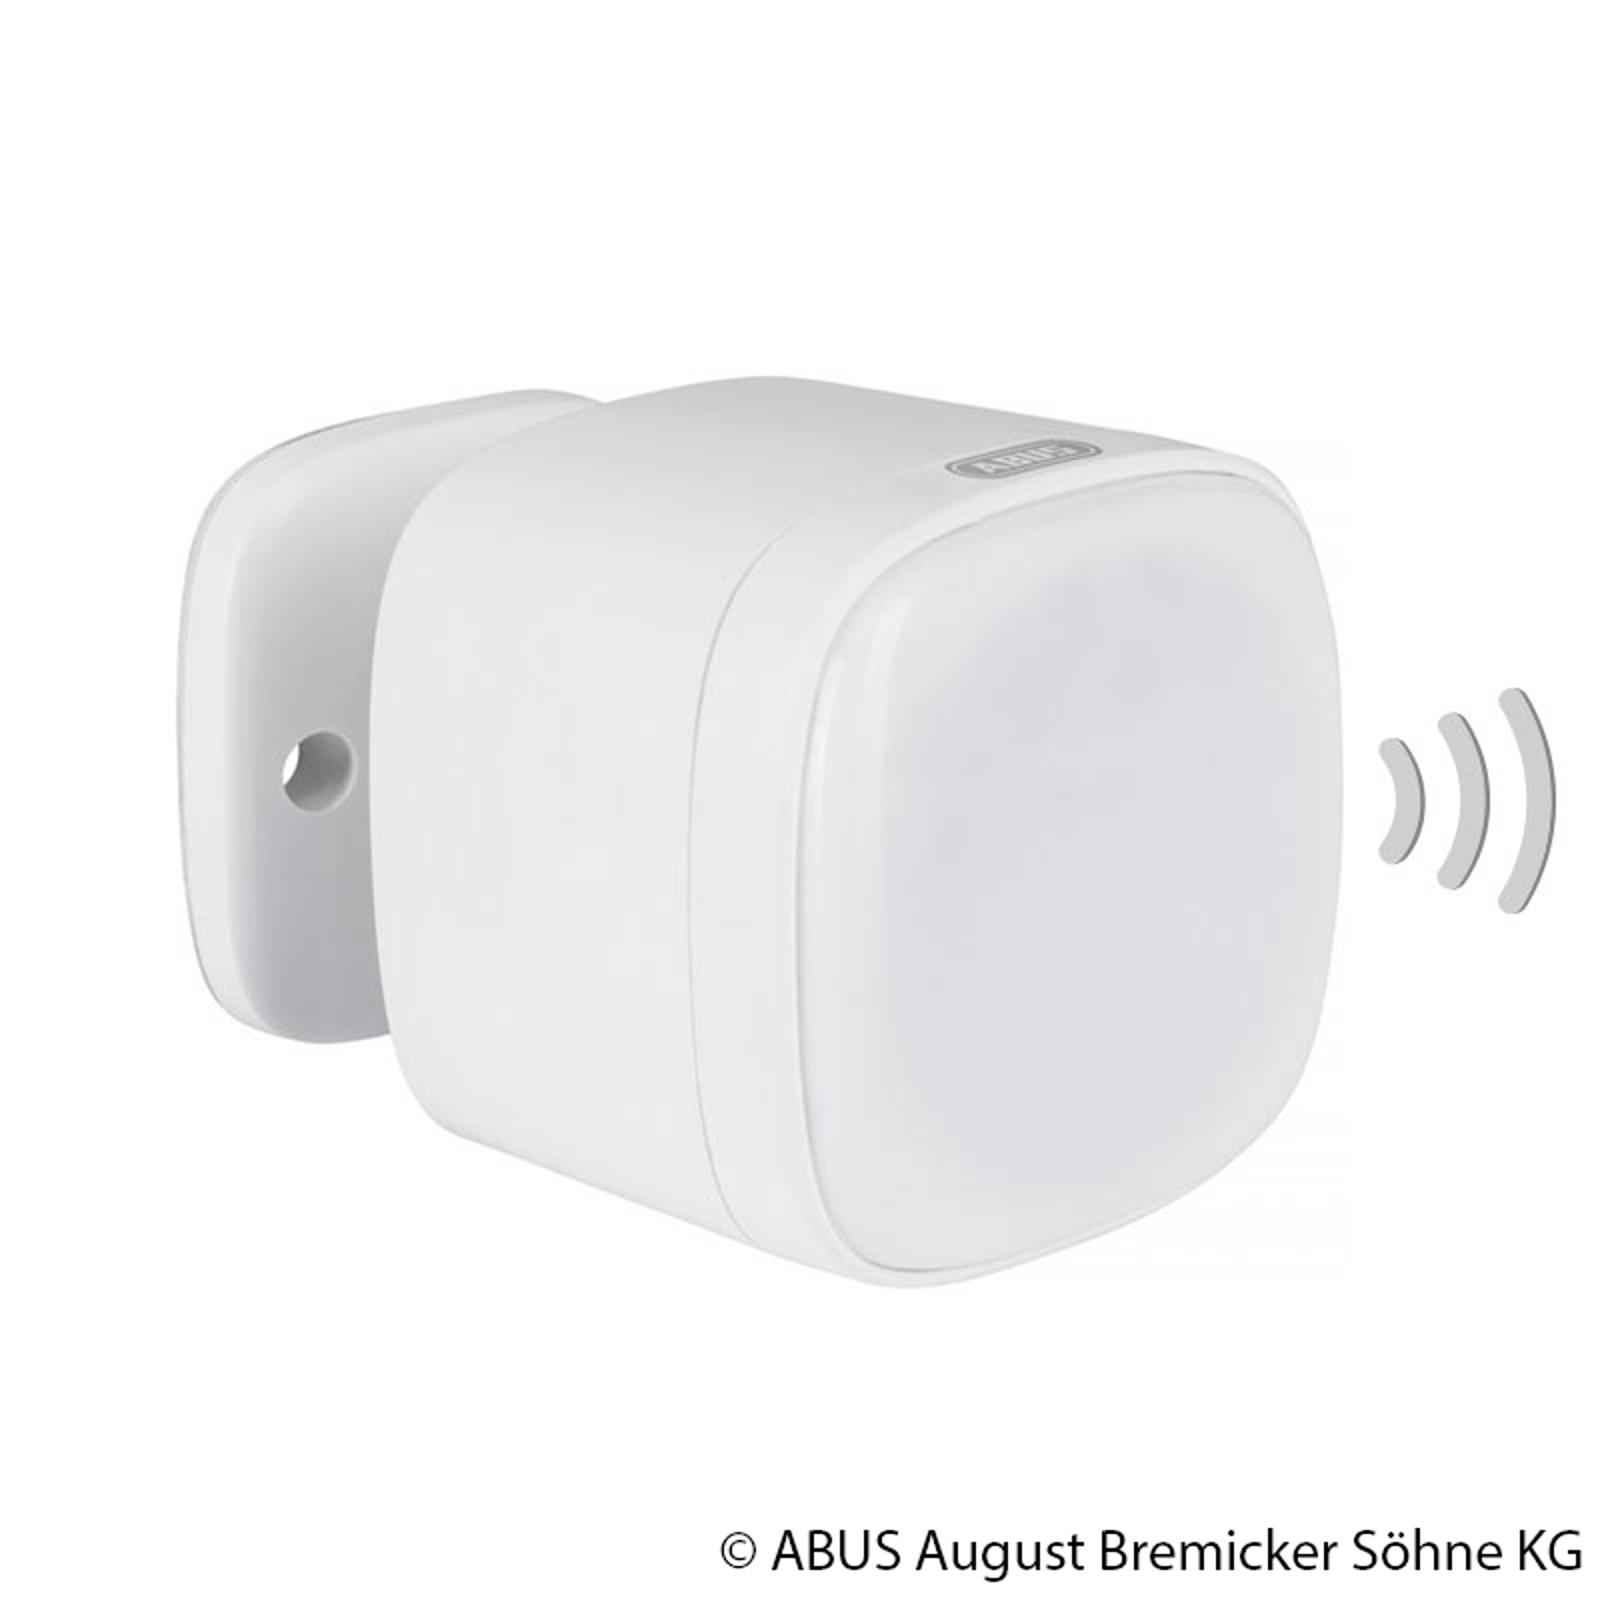 ABUS Z-Wave trådlös multisensor